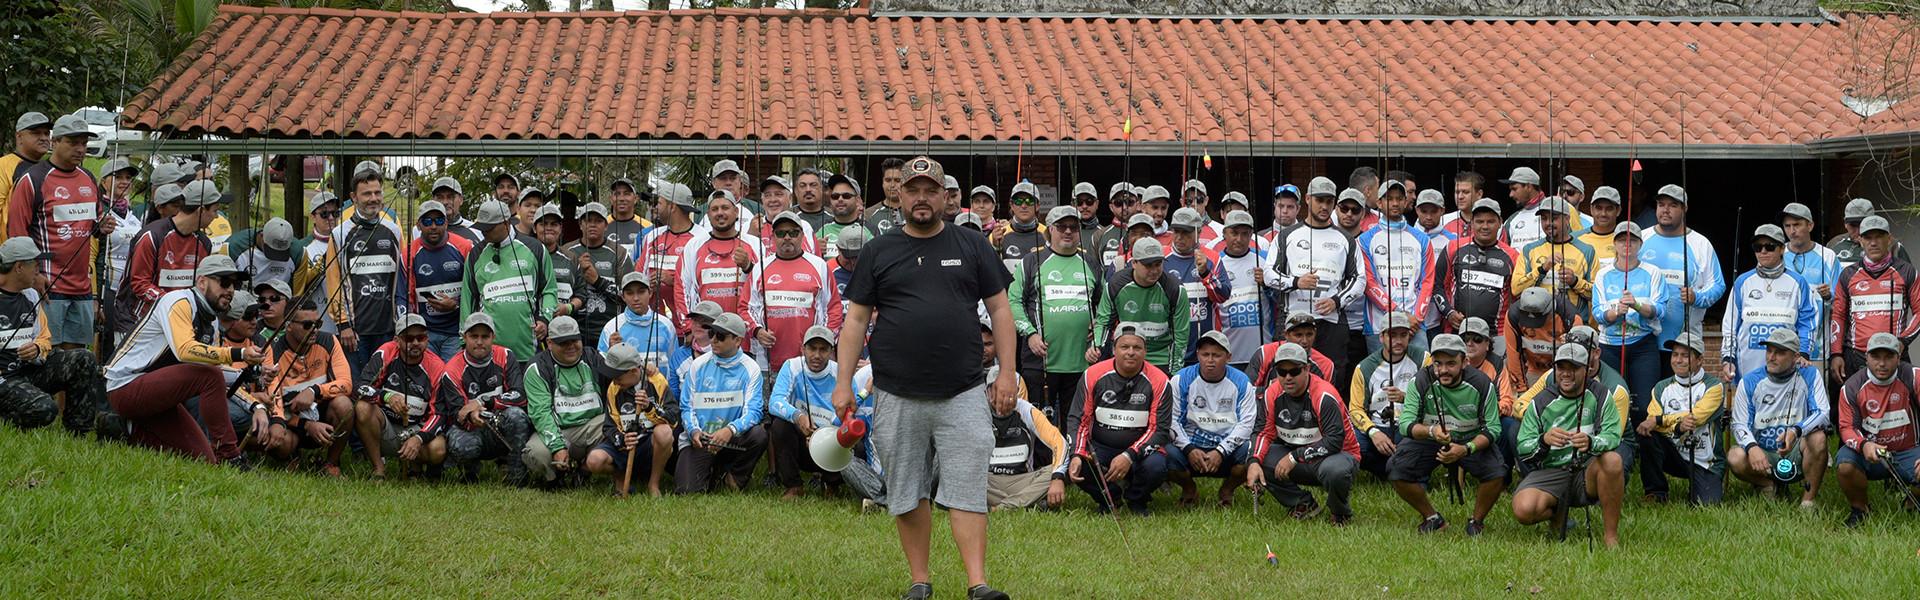 Está chegando: Minas Gerais será palco do 3º Campeonato Brasileiro em Pesqueiro